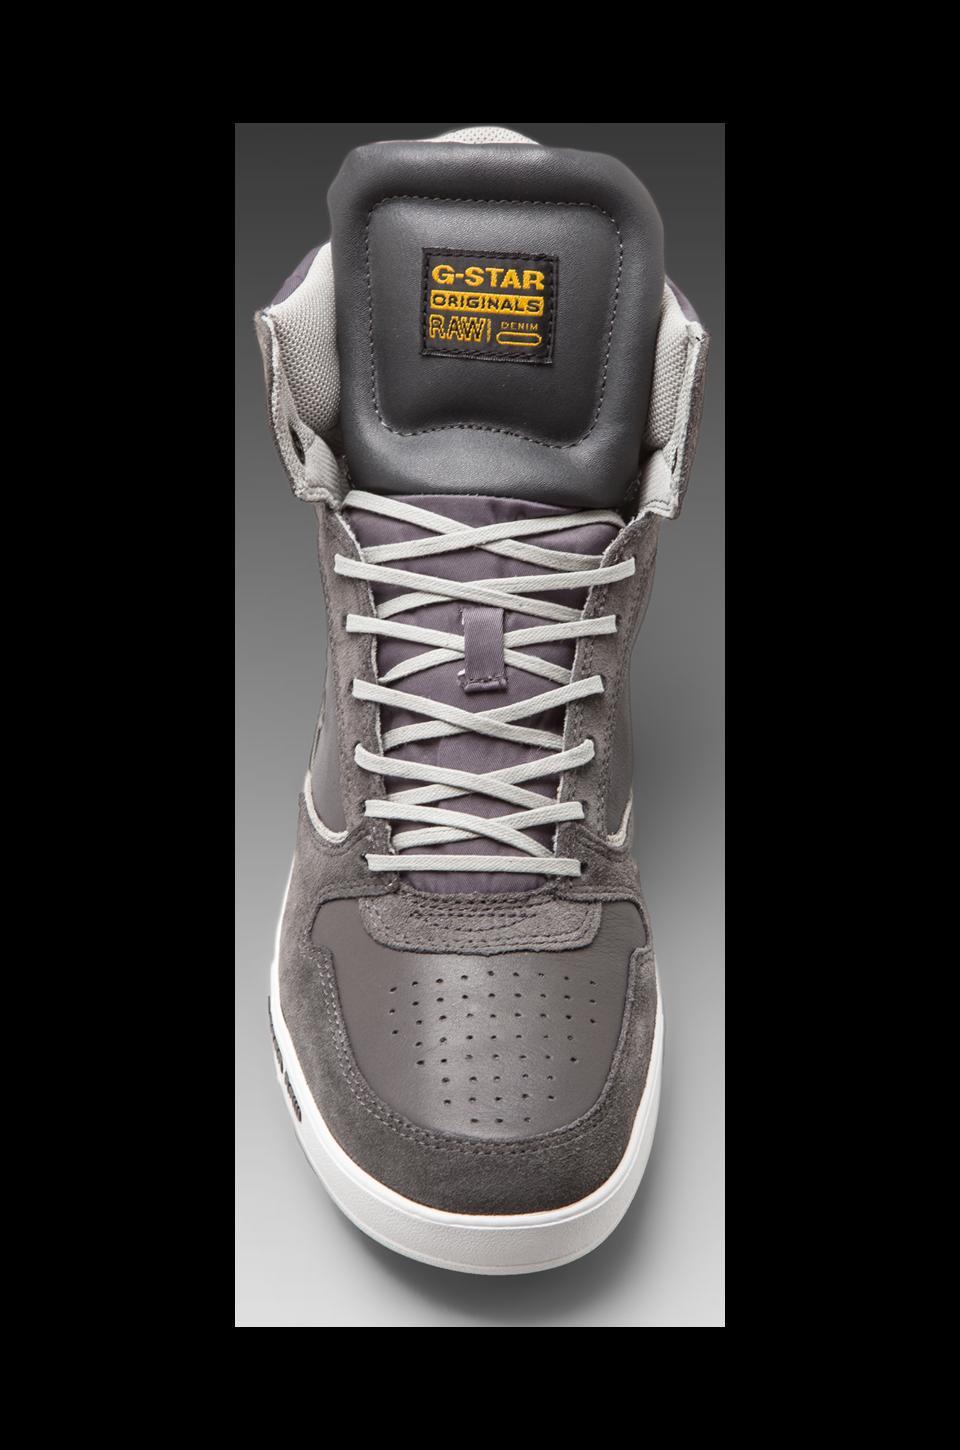 G-Star Yard Pyro in Dark Grey Leather & Suede